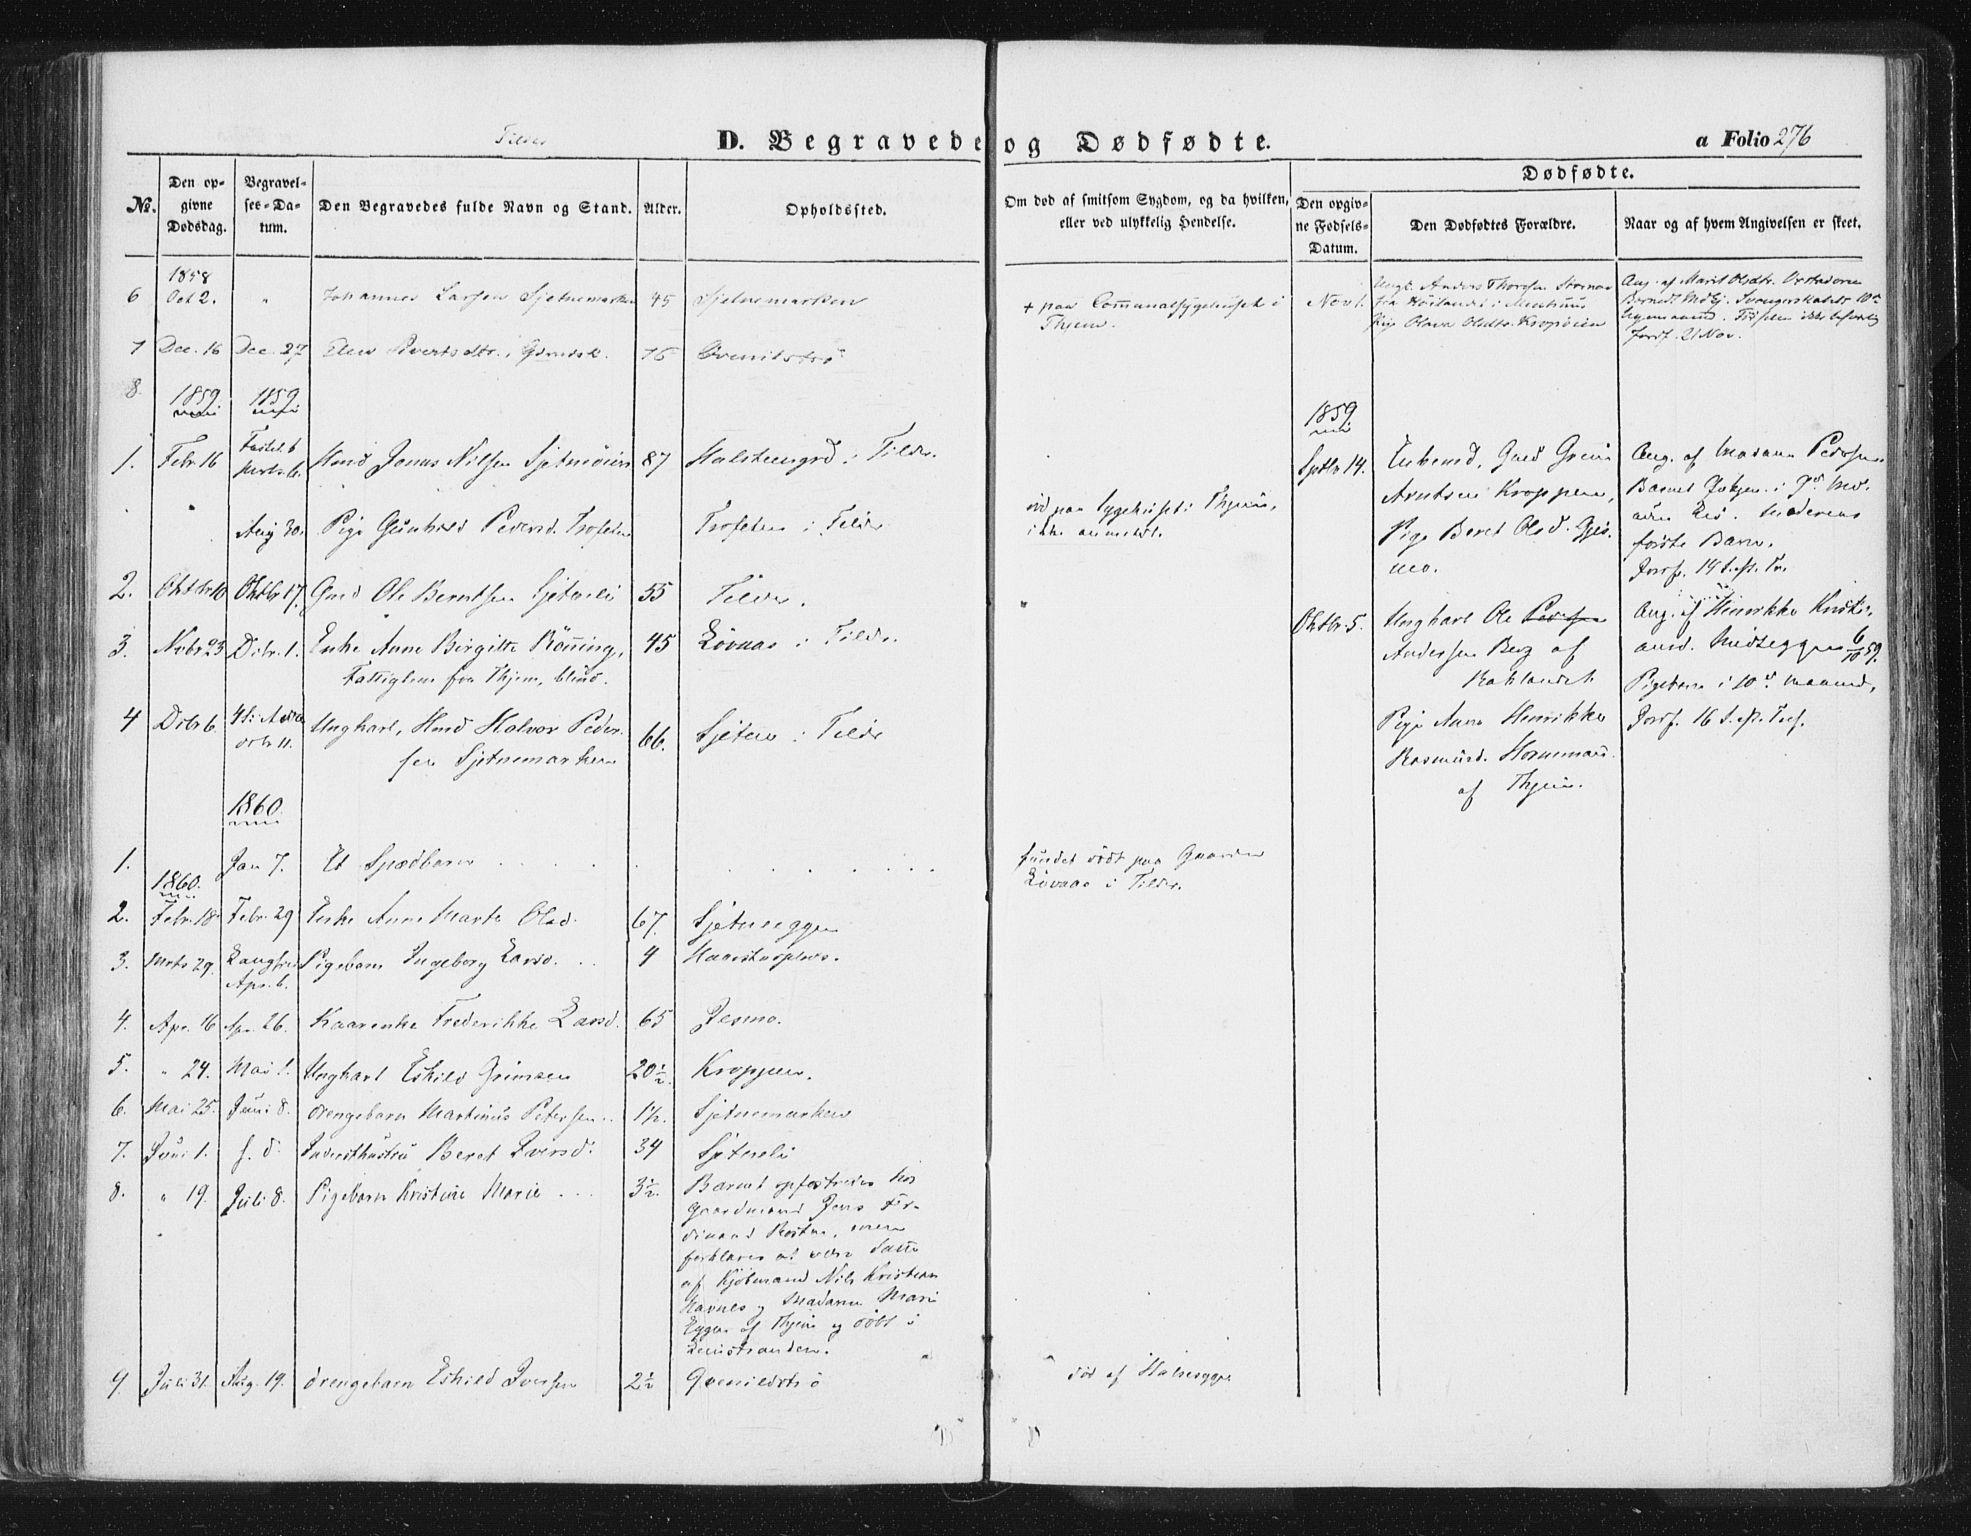 SAT, Ministerialprotokoller, klokkerbøker og fødselsregistre - Sør-Trøndelag, 618/L0441: Ministerialbok nr. 618A05, 1843-1862, s. 276